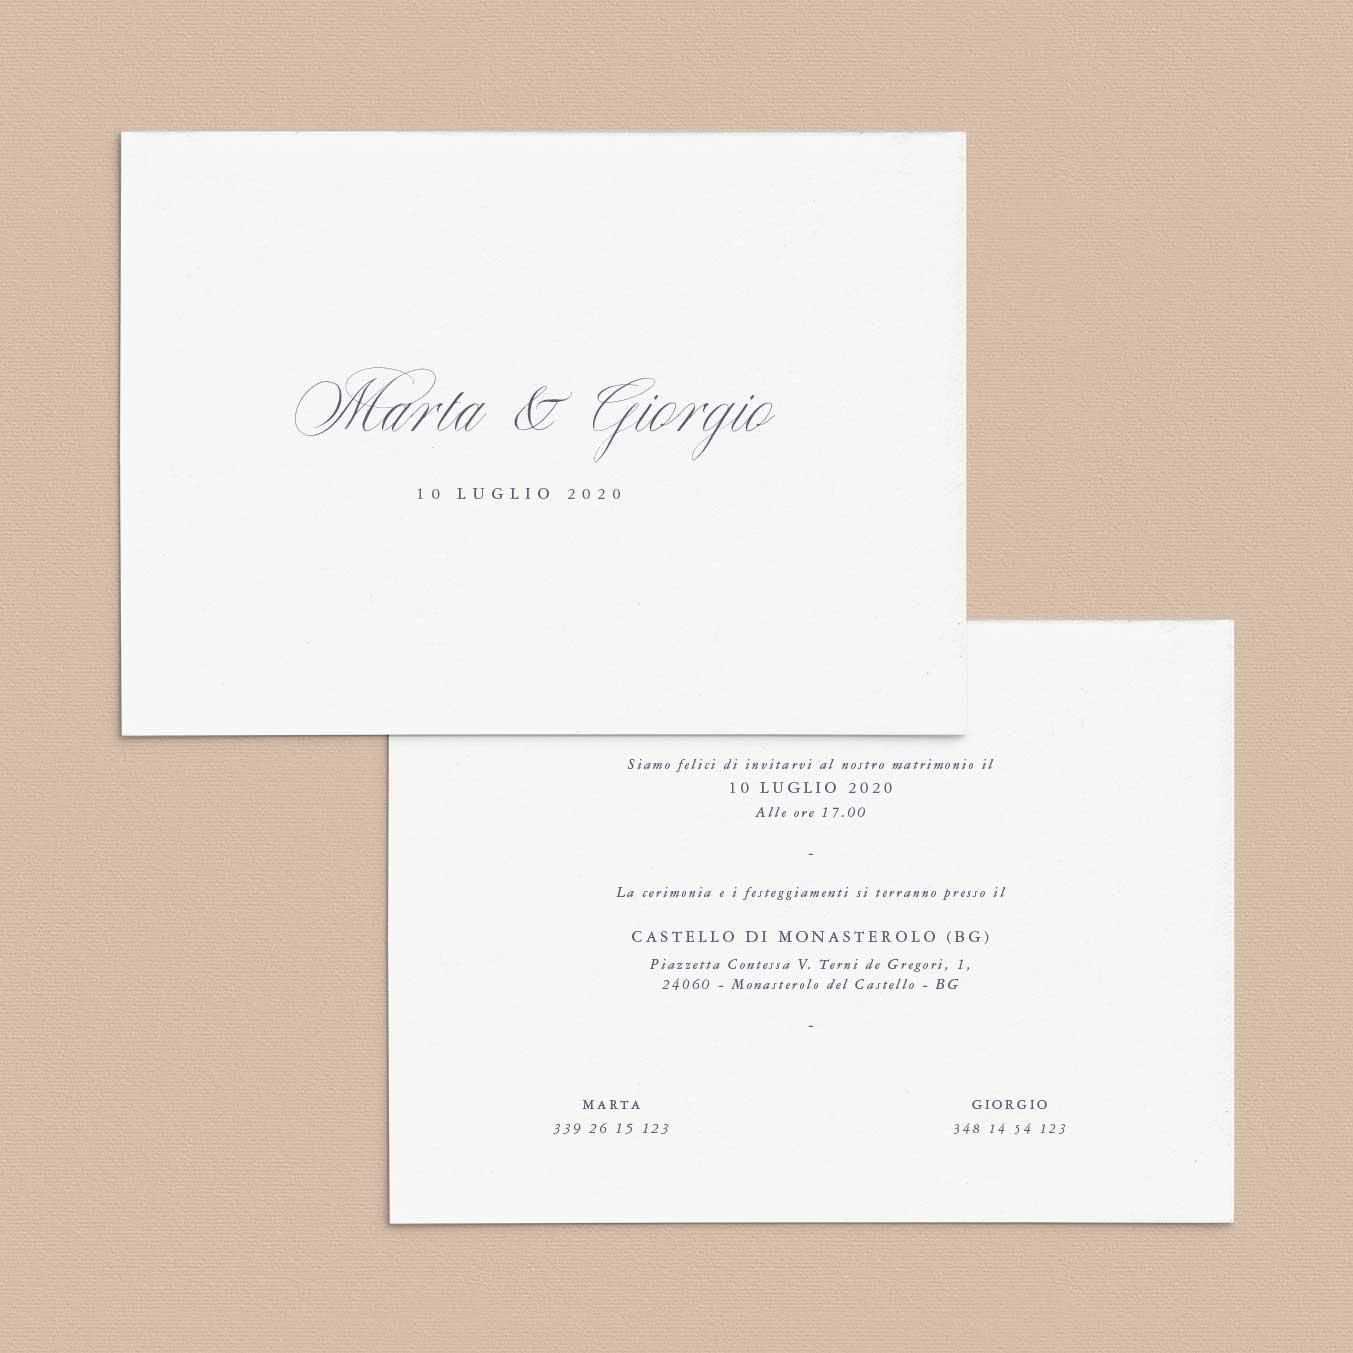 Inviti-di-matrimonio-partecipazioni-di-nozze-classici-classiche-elegante-eleganti-semplici-idee-impaginazione-corsivo-calligrafico-online